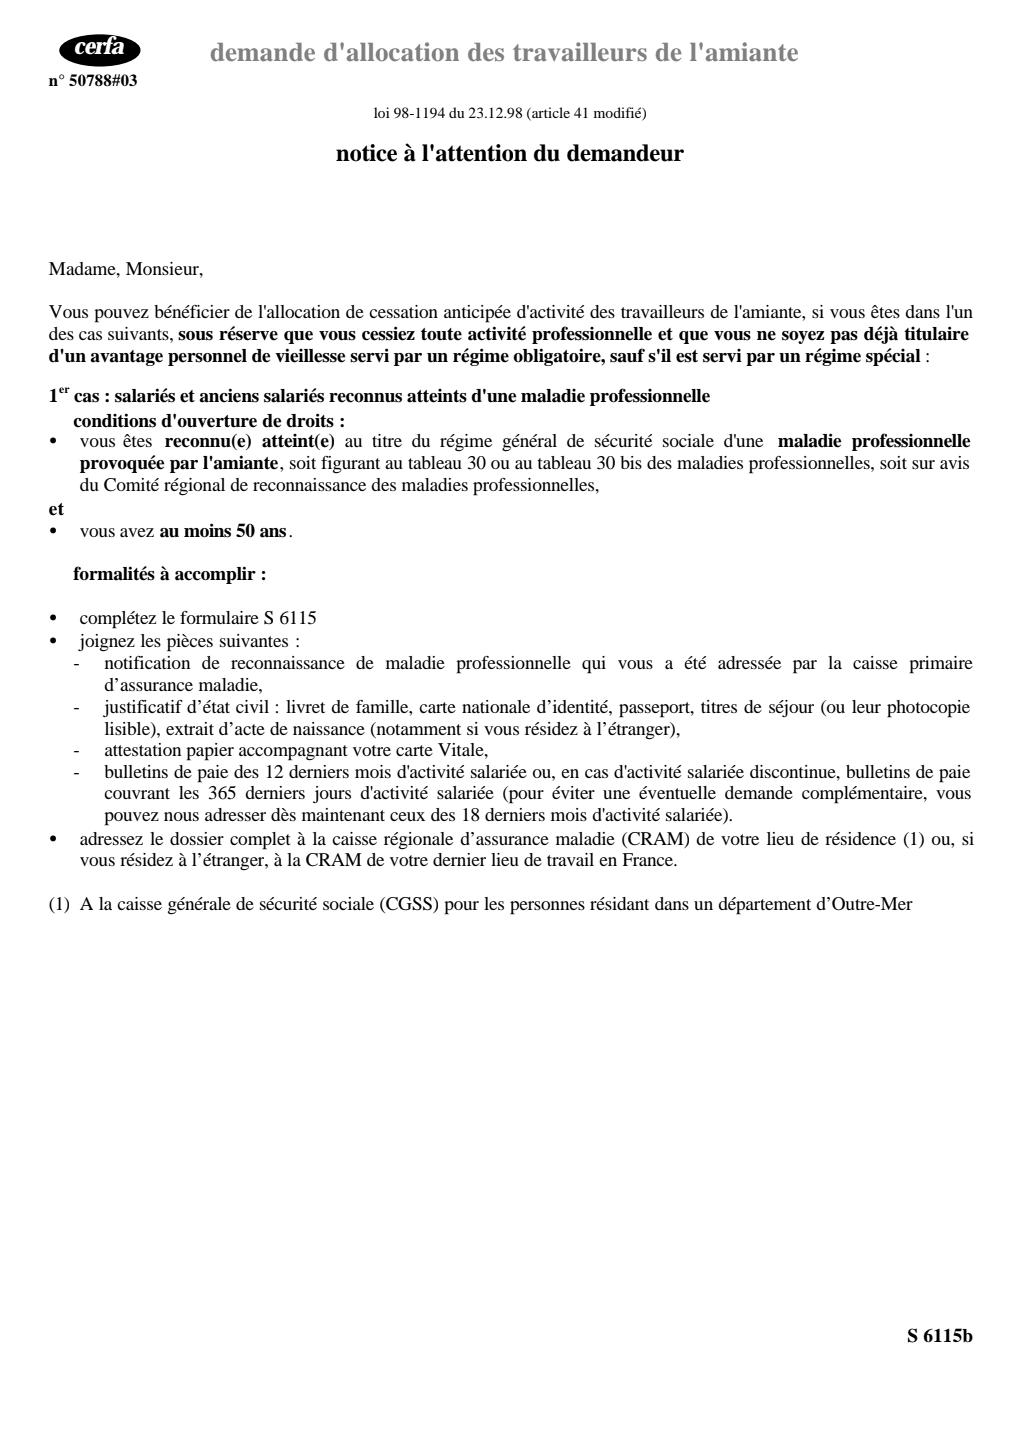 Formulaire_11690*02 : Demande d'allocation des travailleurs de l'amiante, salariés et anciens salariés atteints d'une maladie professionnelle